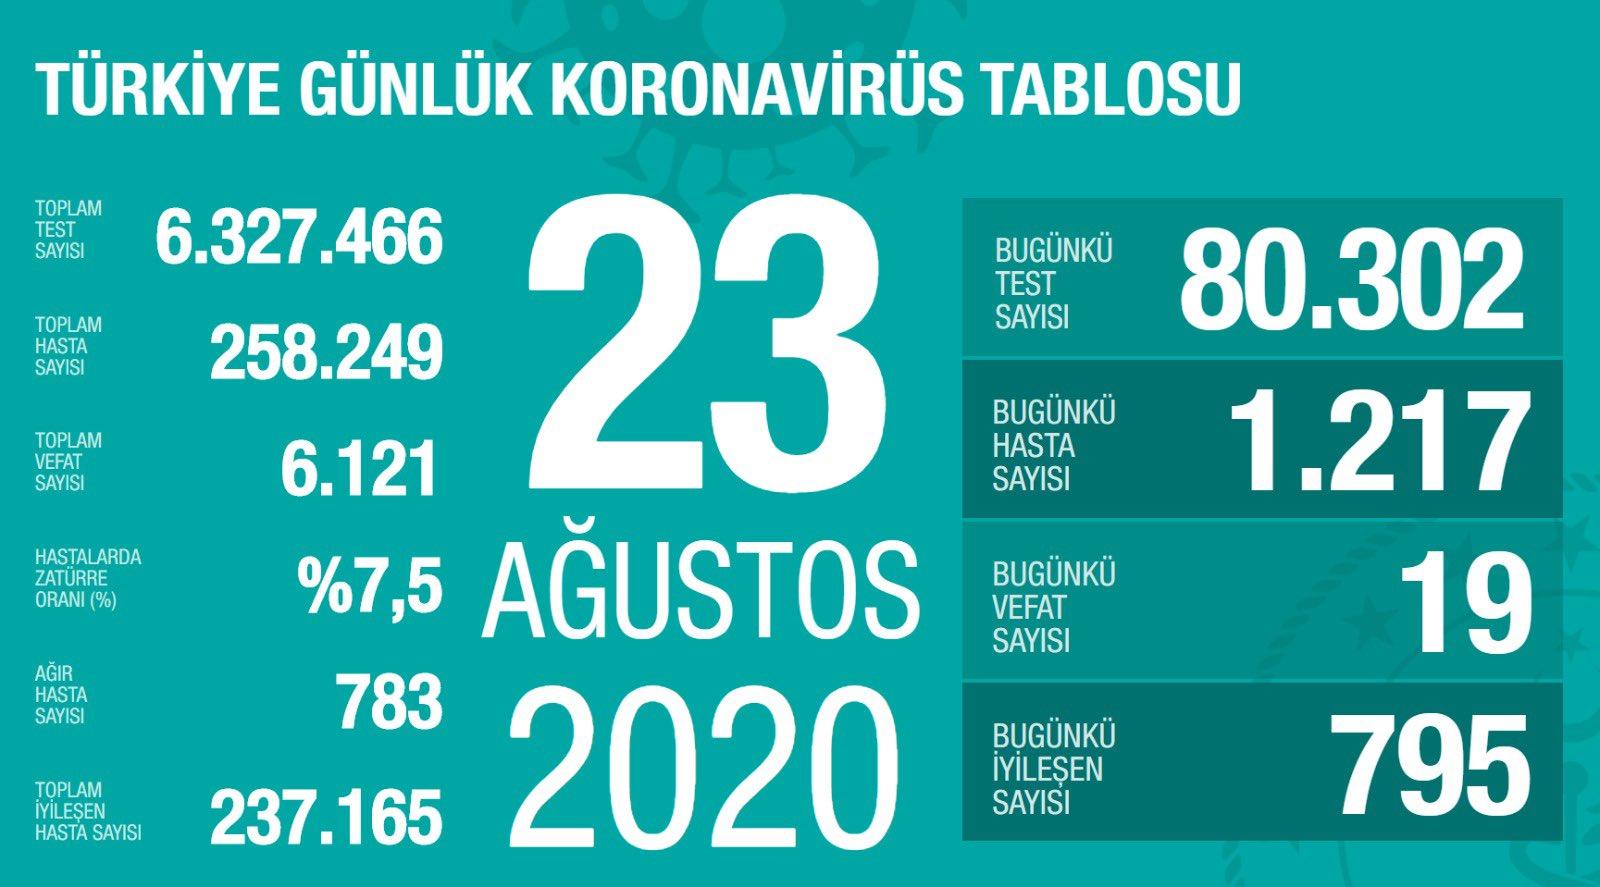 23 Ağustos Türkiye Koronavirüs Tablosu Açıkladı